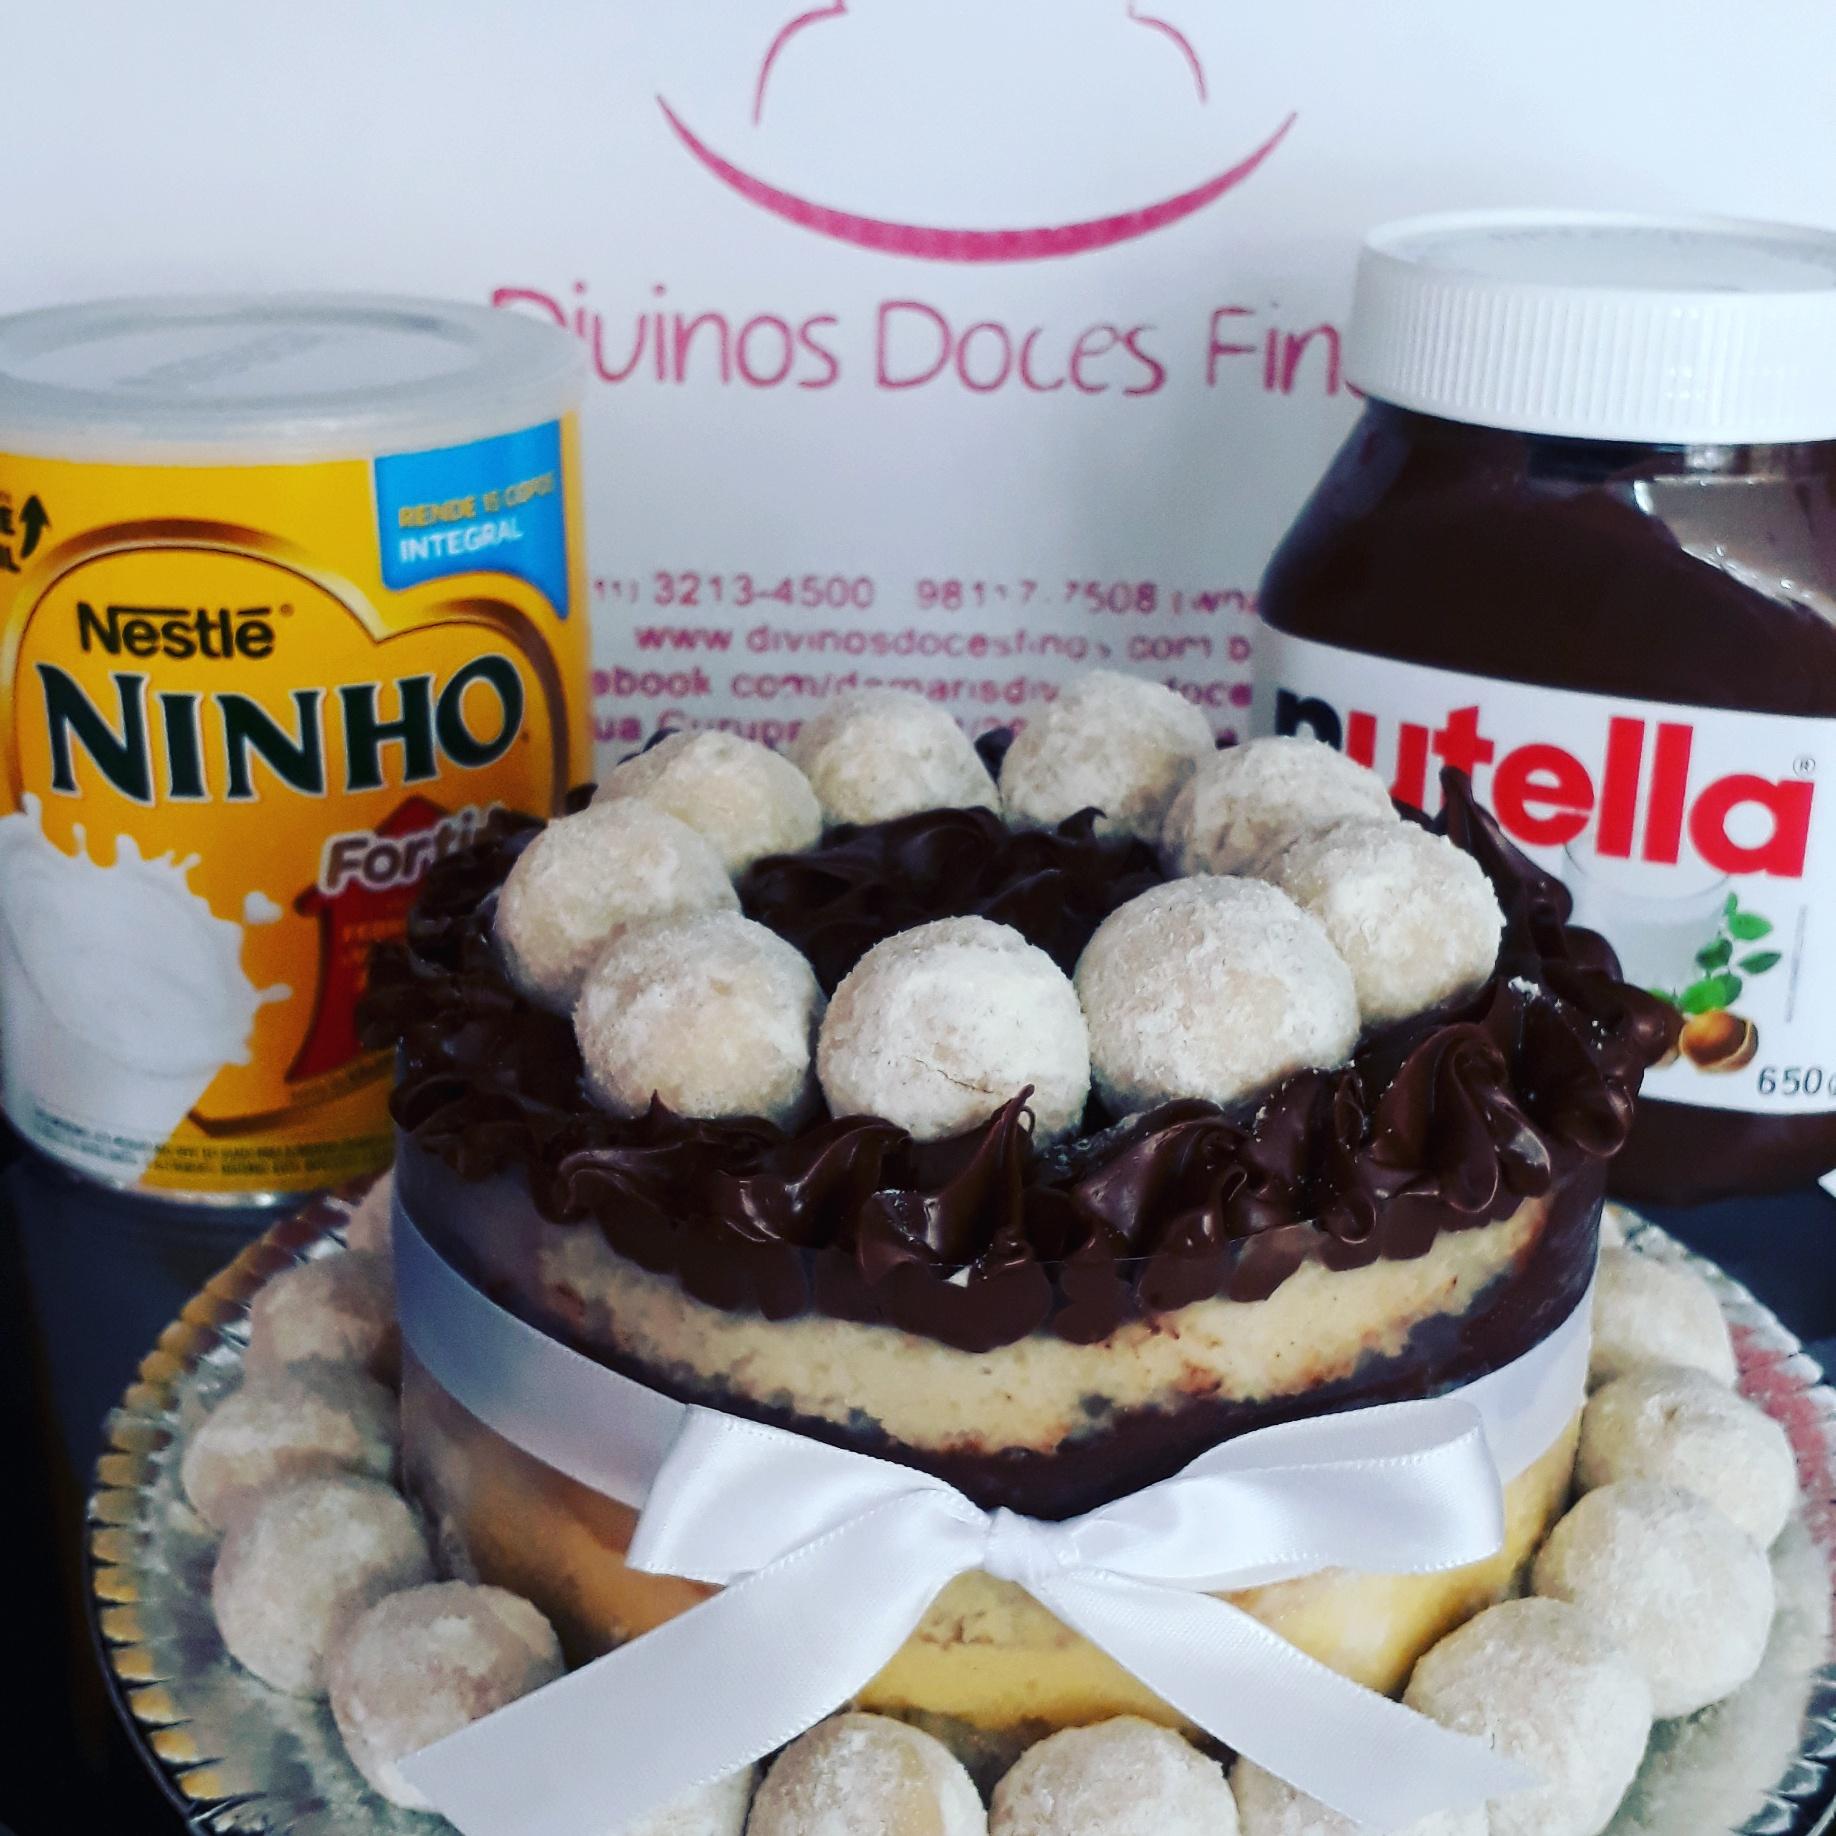 Naked Cake de Leite Ninho com Nutella – R$ 69,90kg